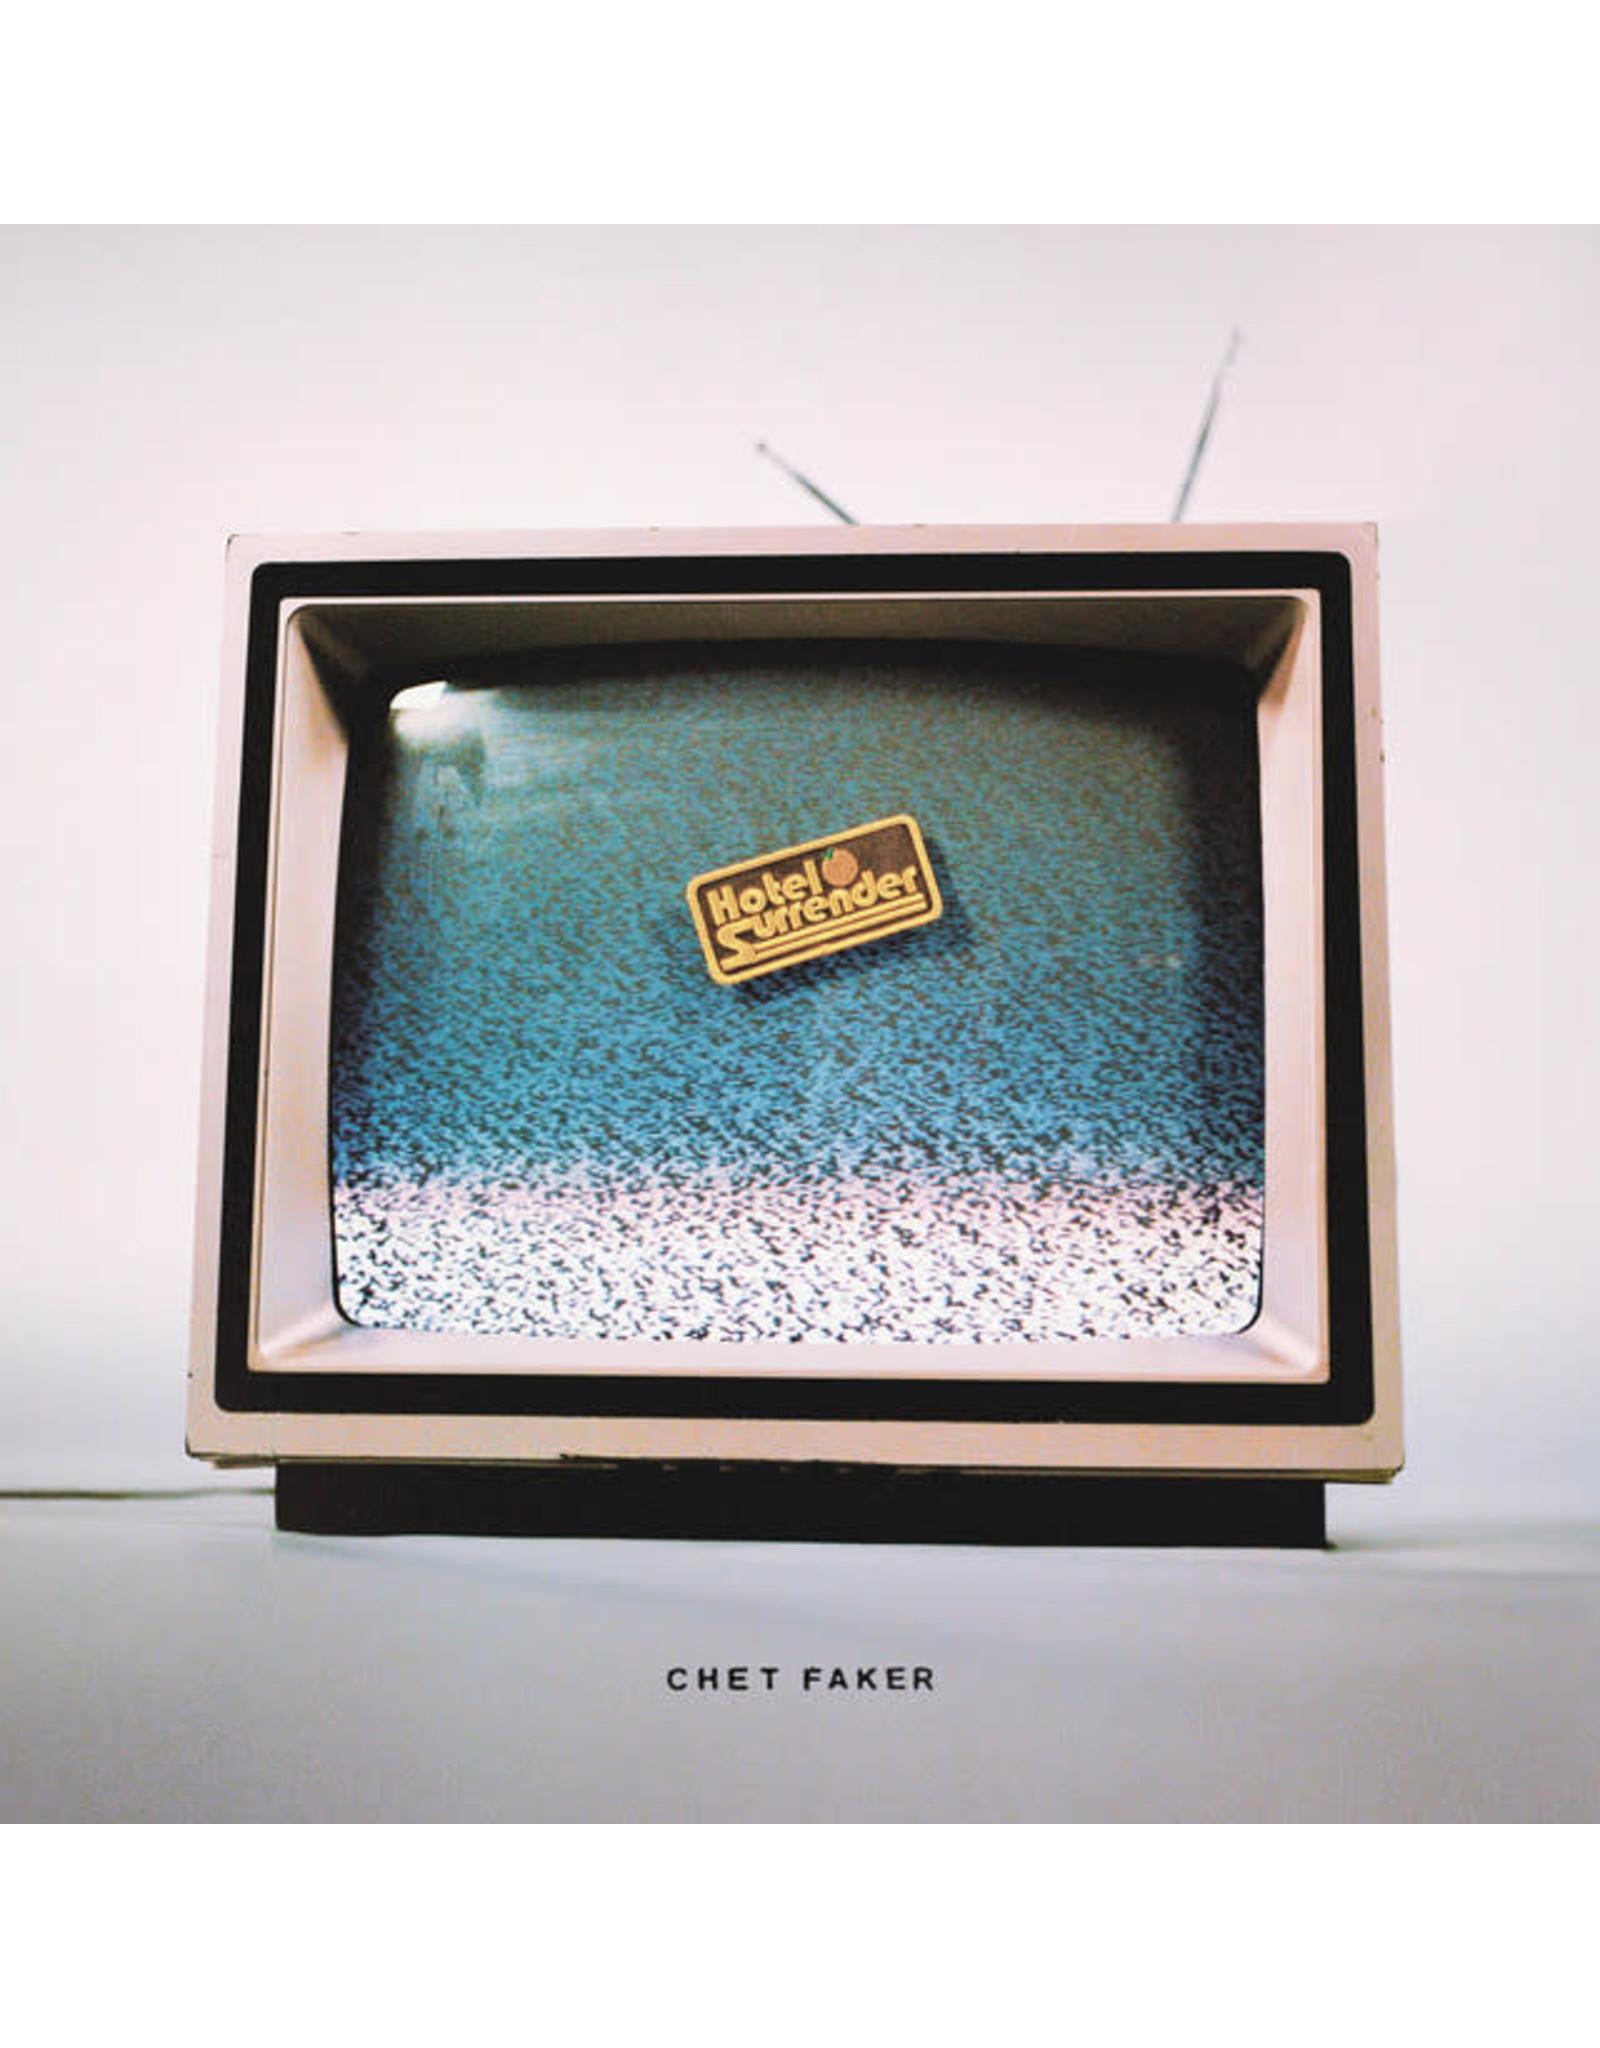 New Vinyl Chet Faker - Hotel Surrender LP